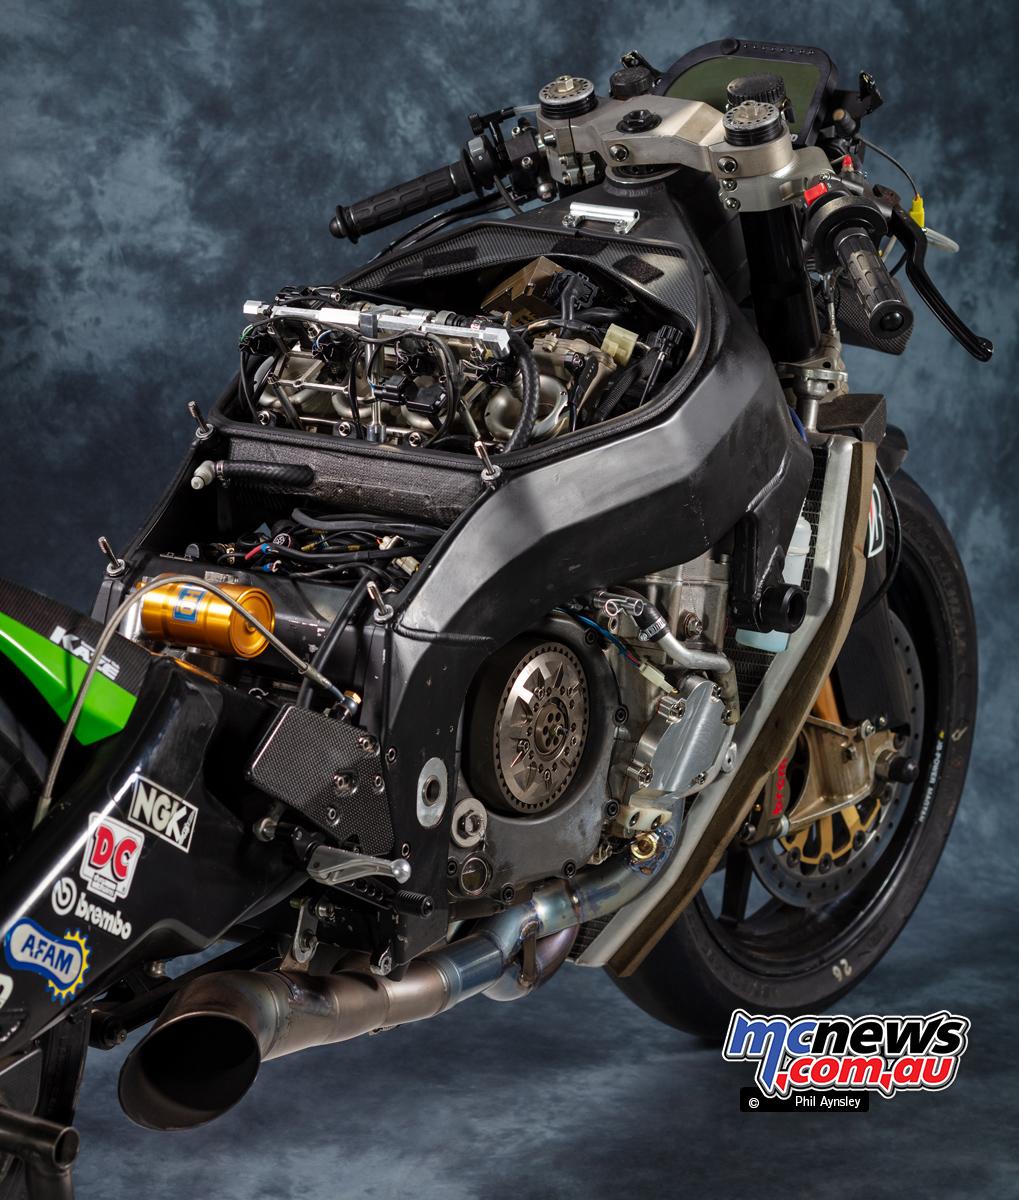 2004 Kawasaki Zx